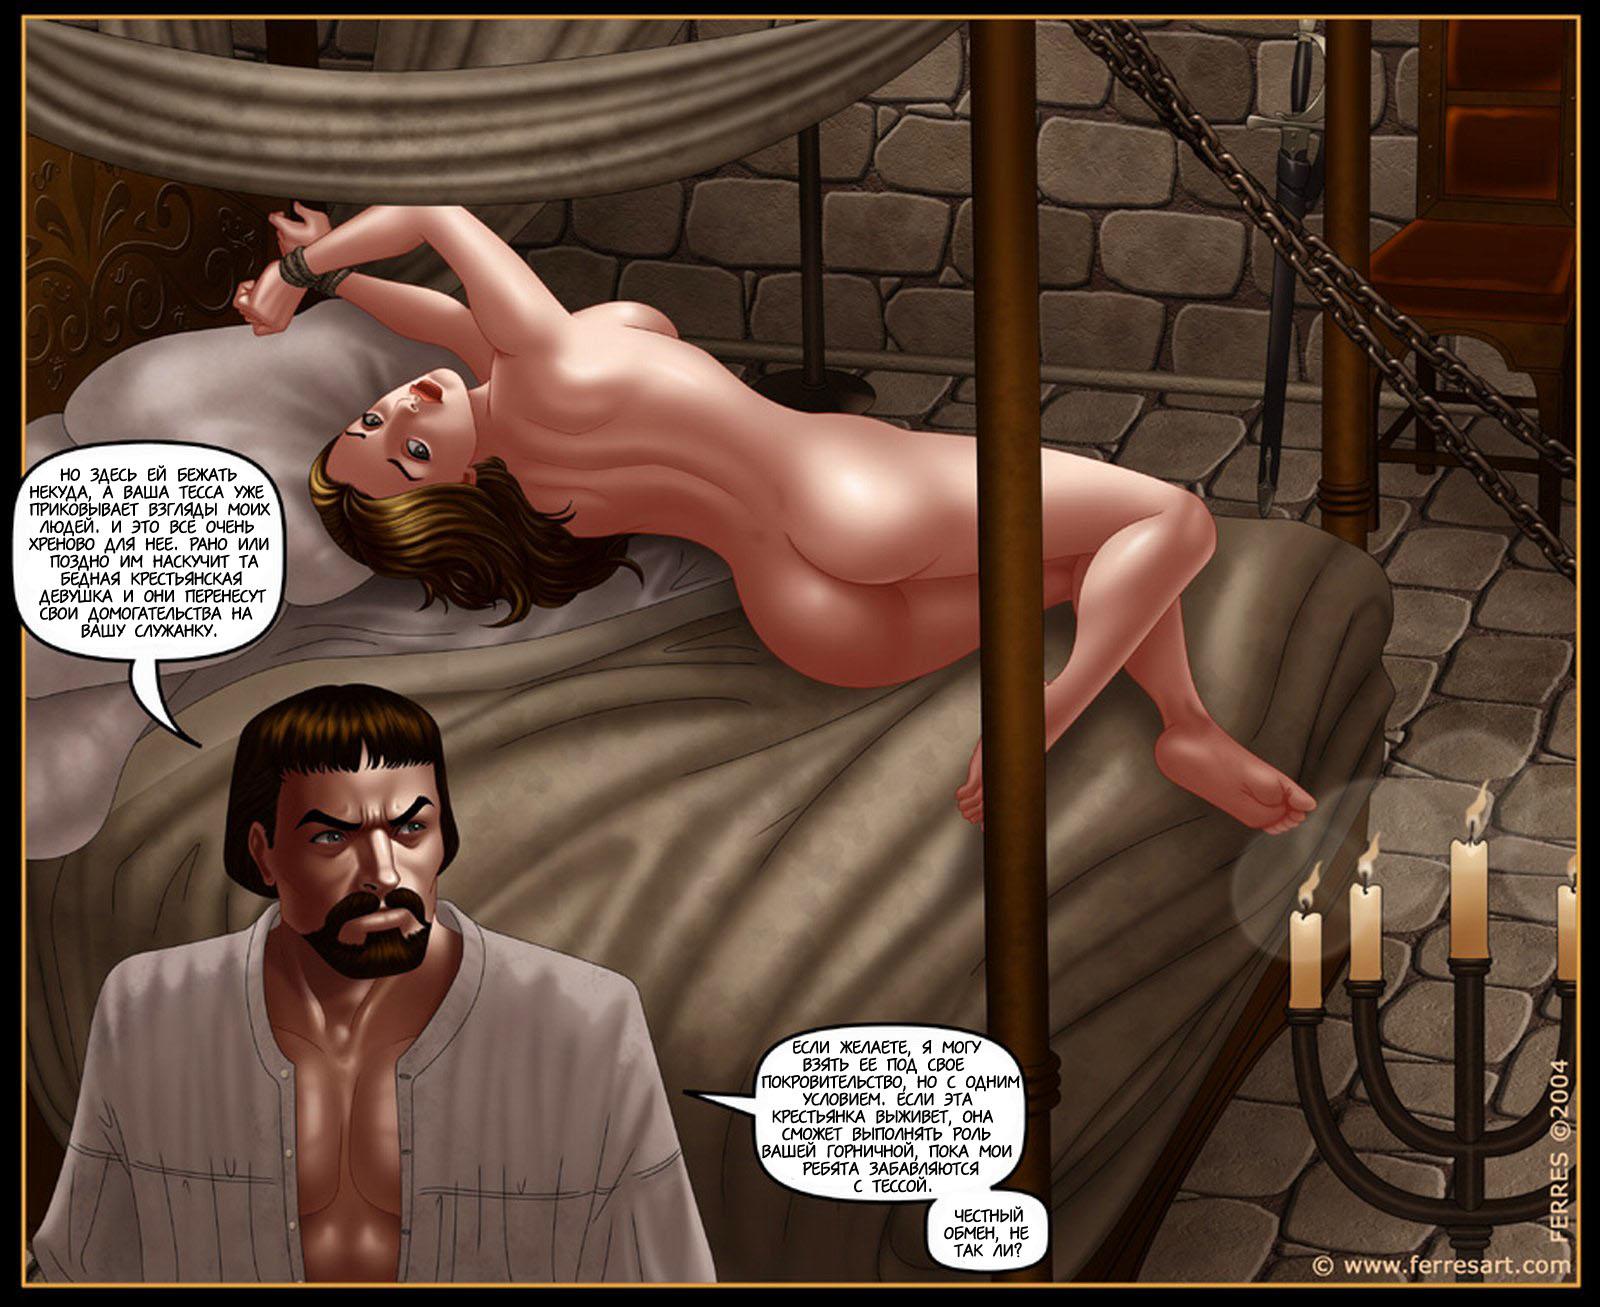 когда-то переспала порно рабыня средневековье встал, похоже все